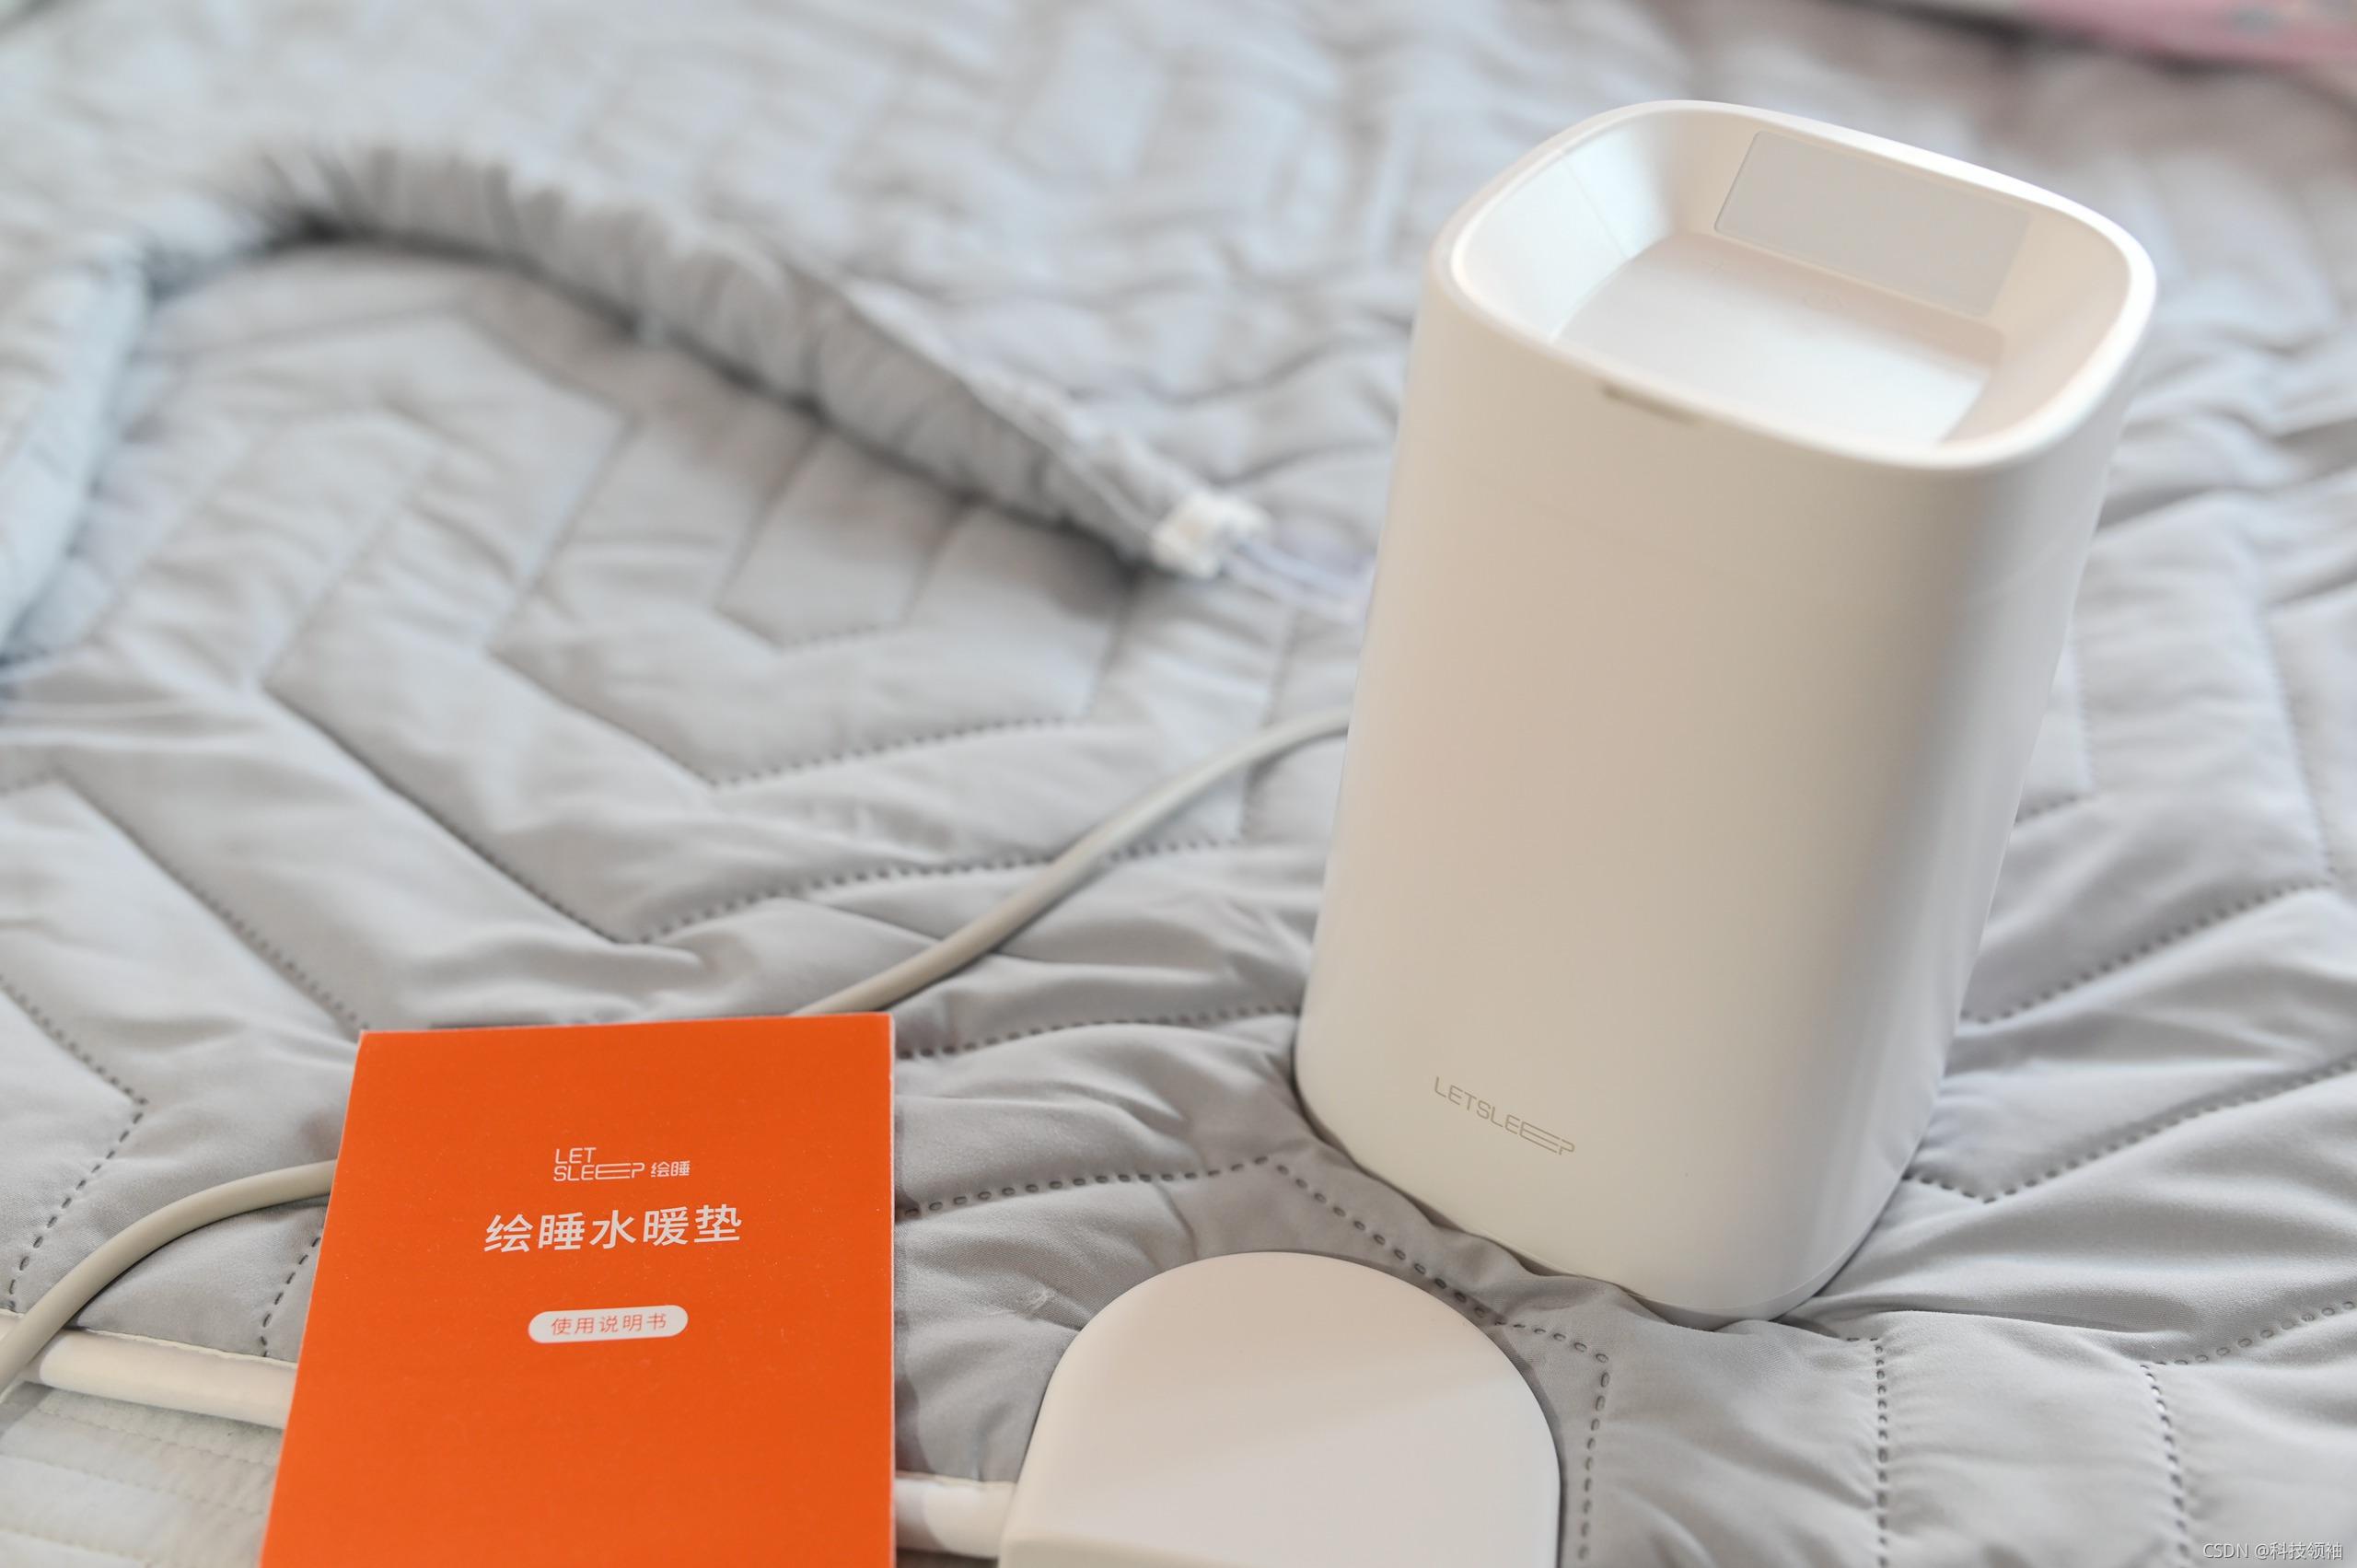 温暖舒适的取暖工具,省电省水安睡整晚,绘睡水暖垫上手